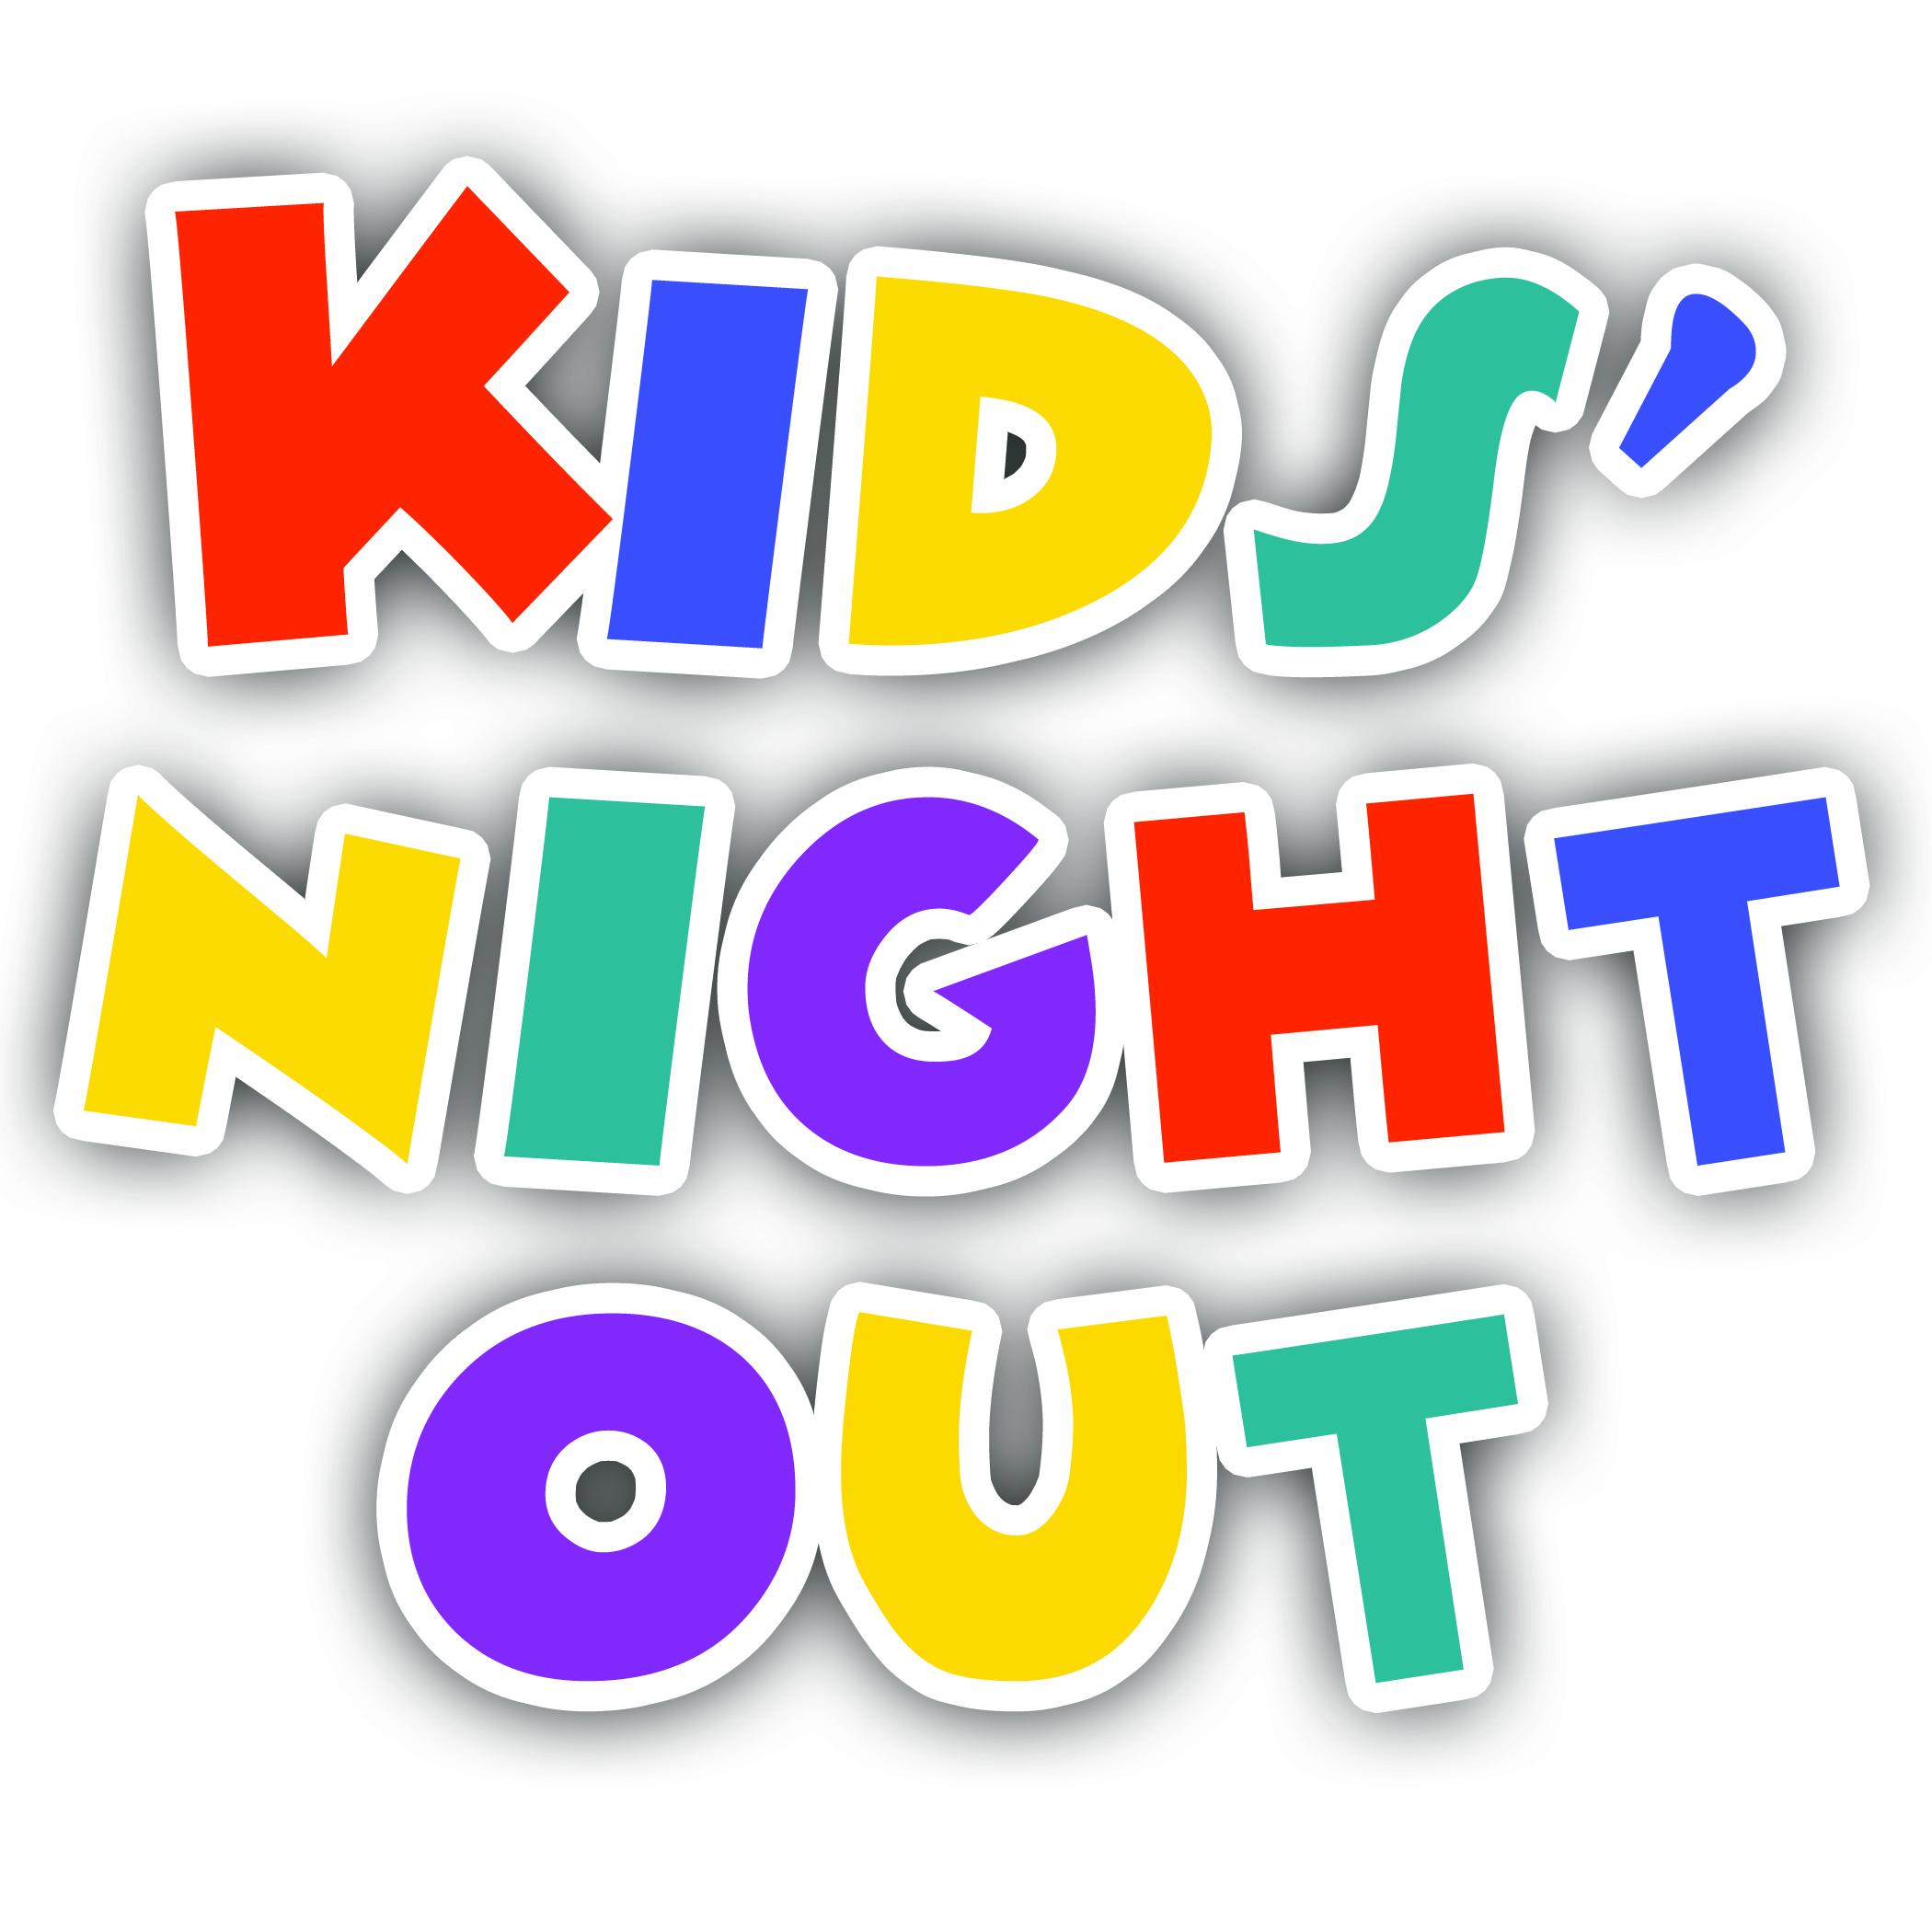 Kids  night out logo